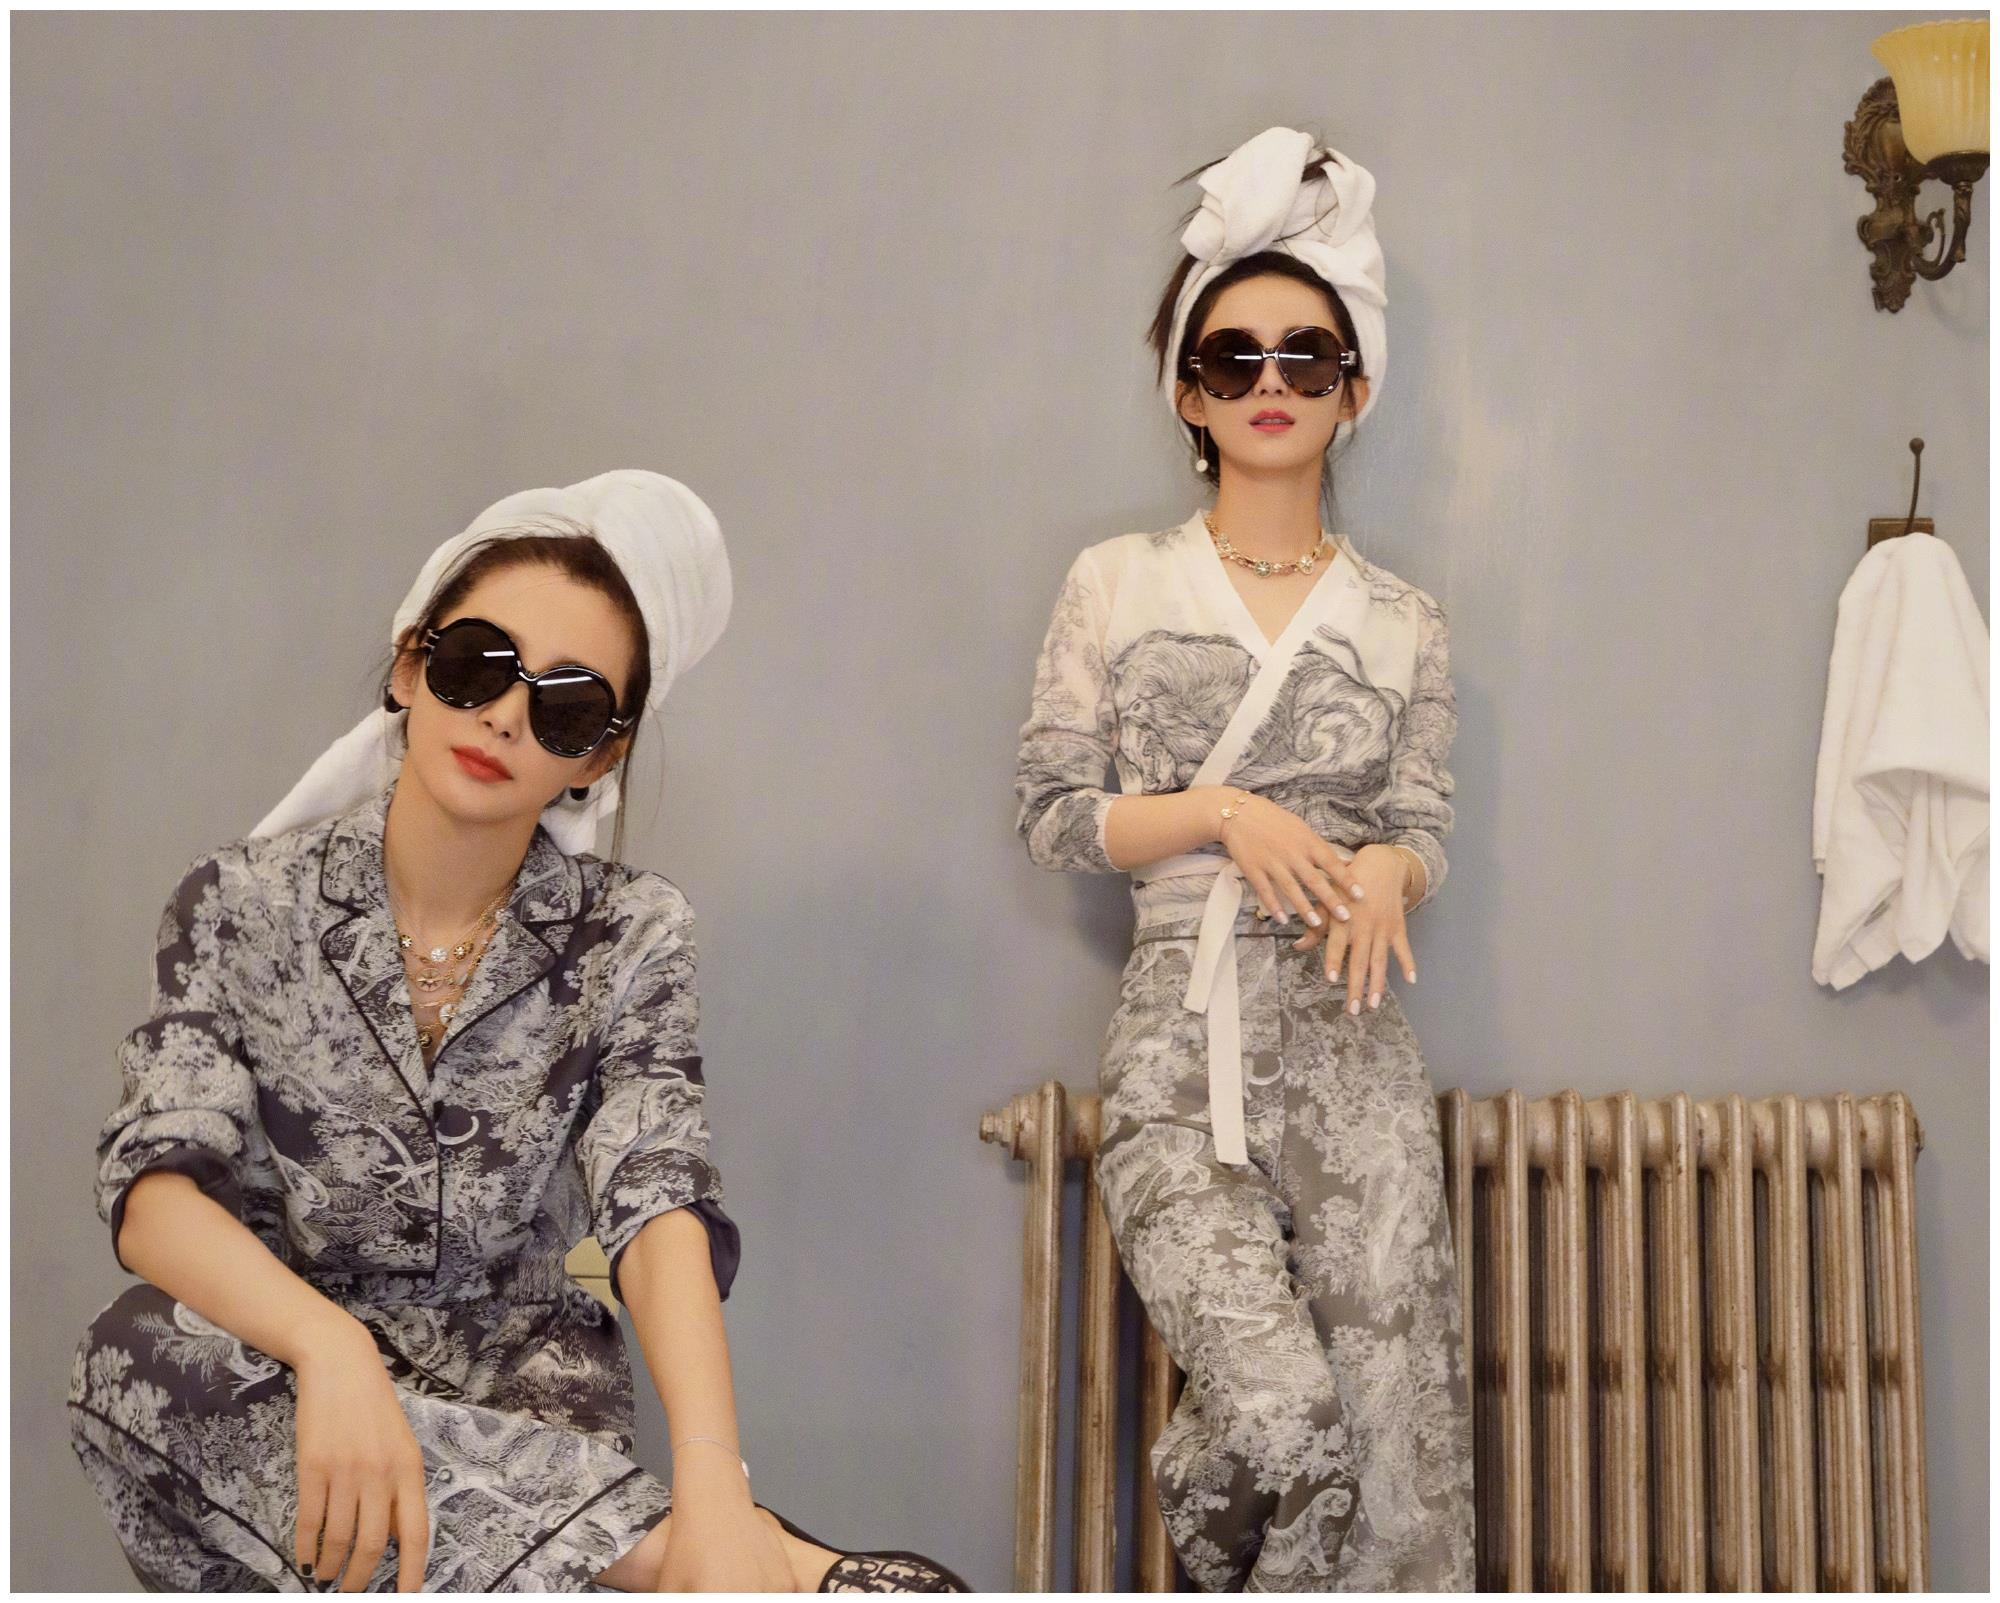 赵丽颖李冰冰合体拍大片,一酷一甜太有范儿,不愧是两位女神